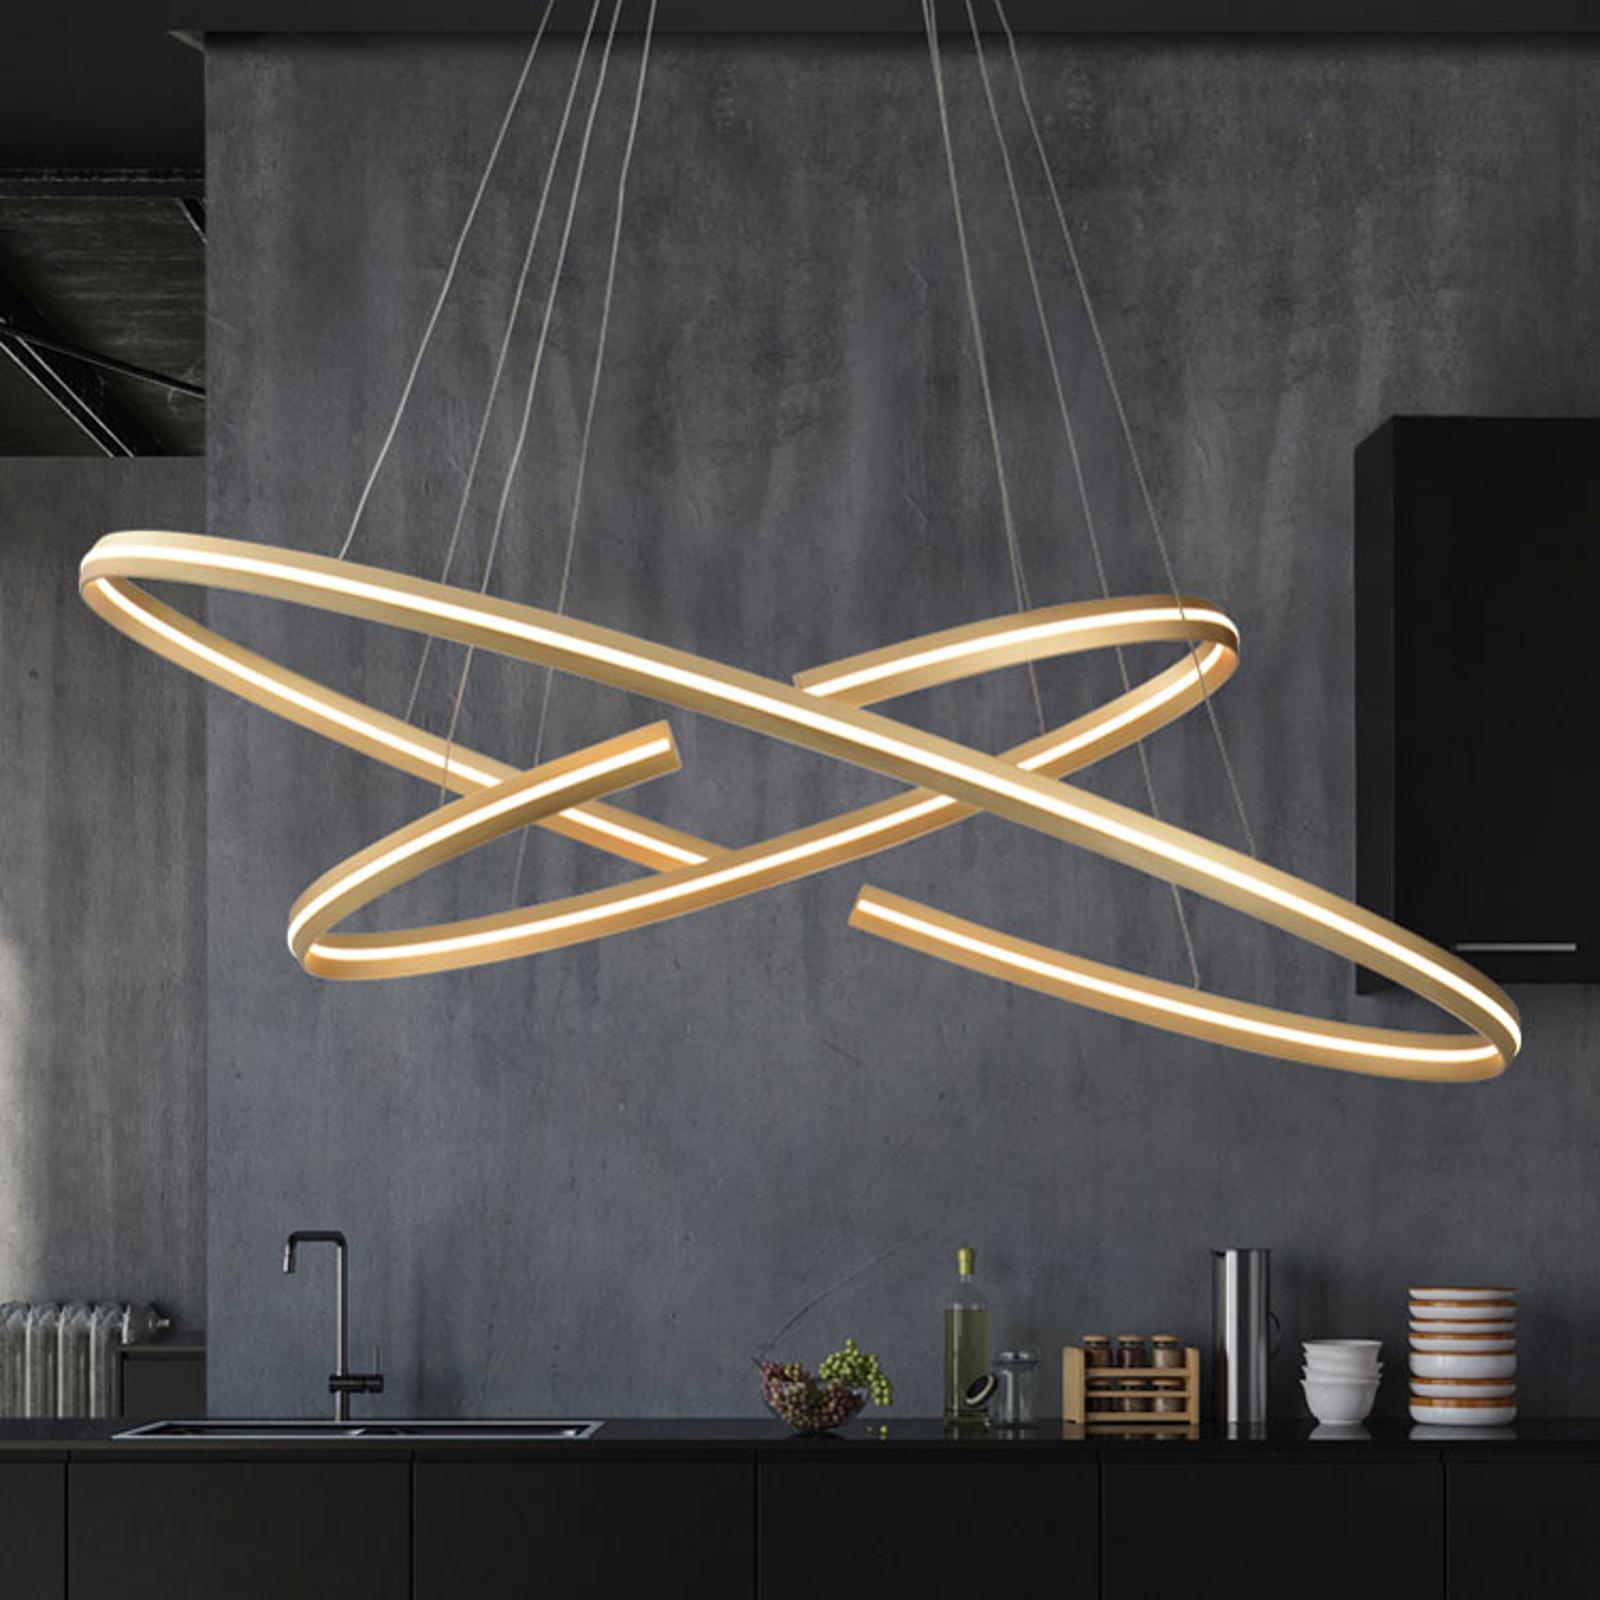 Lampa wisząca LED Elipse owalny kształt, 120x60 cm